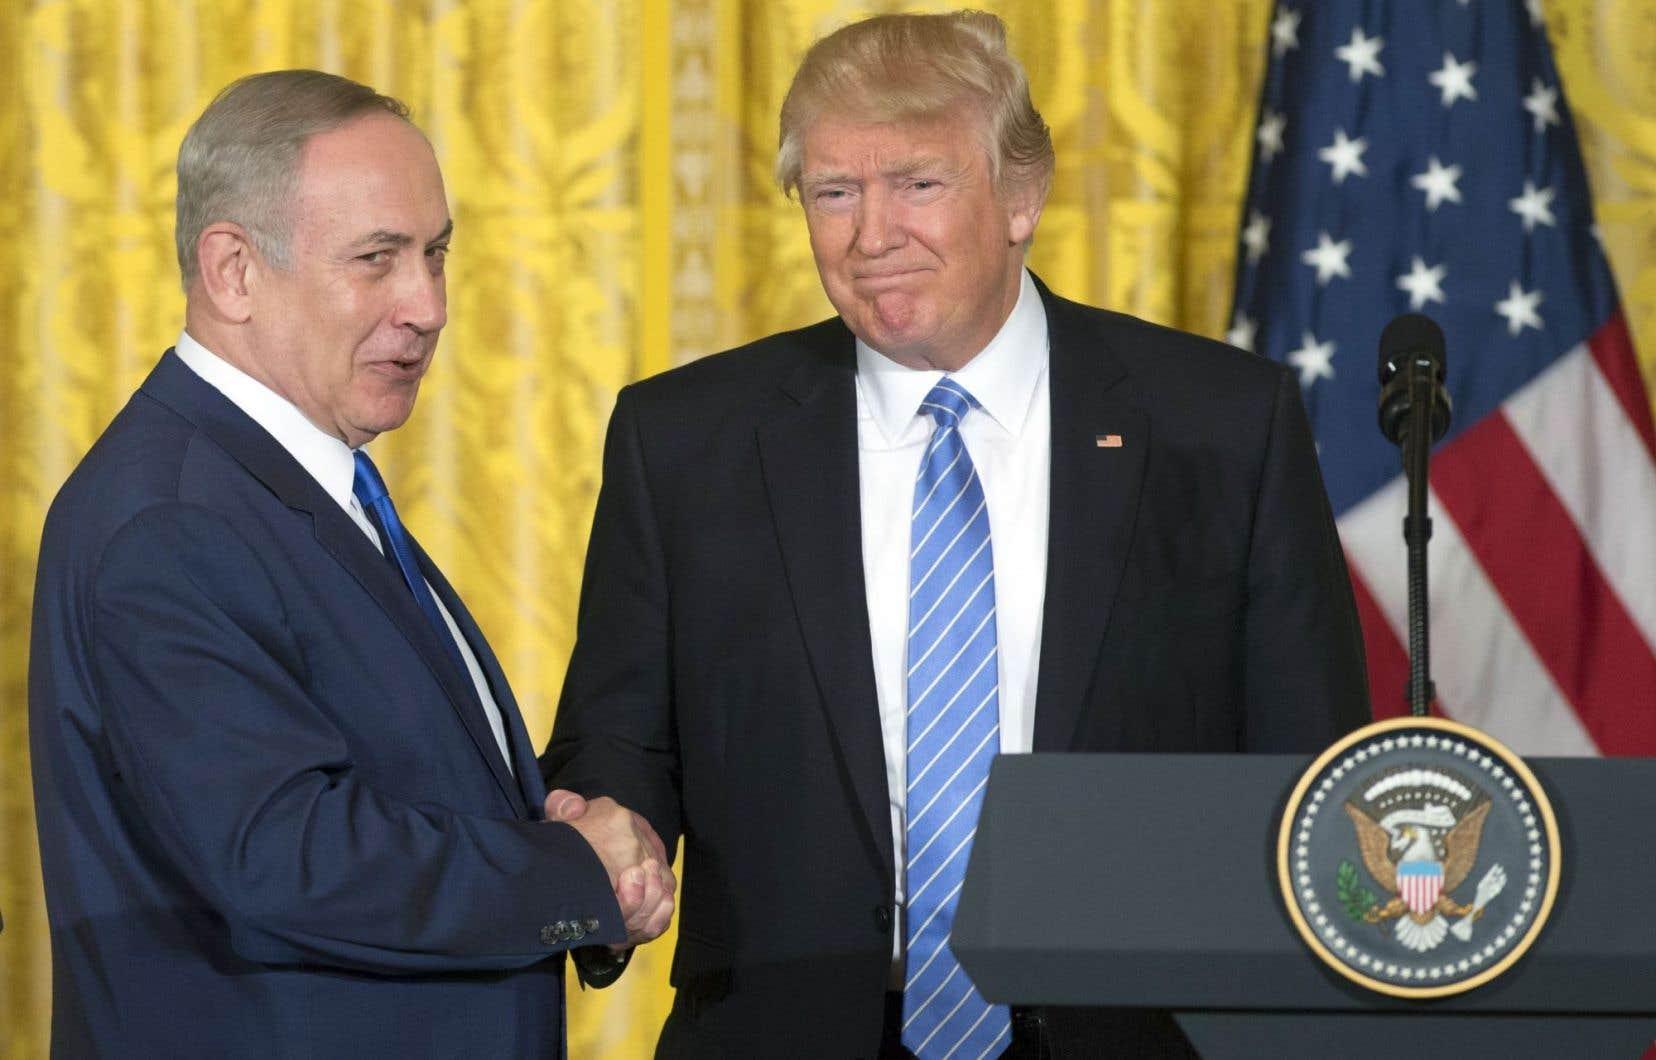 Le premier ministre israélien, Benjamin Nétanyahou, est arrivé mercredi en milieu de journée à la Maison-Blanche pour rencontrer le président américain, Donald Trump.